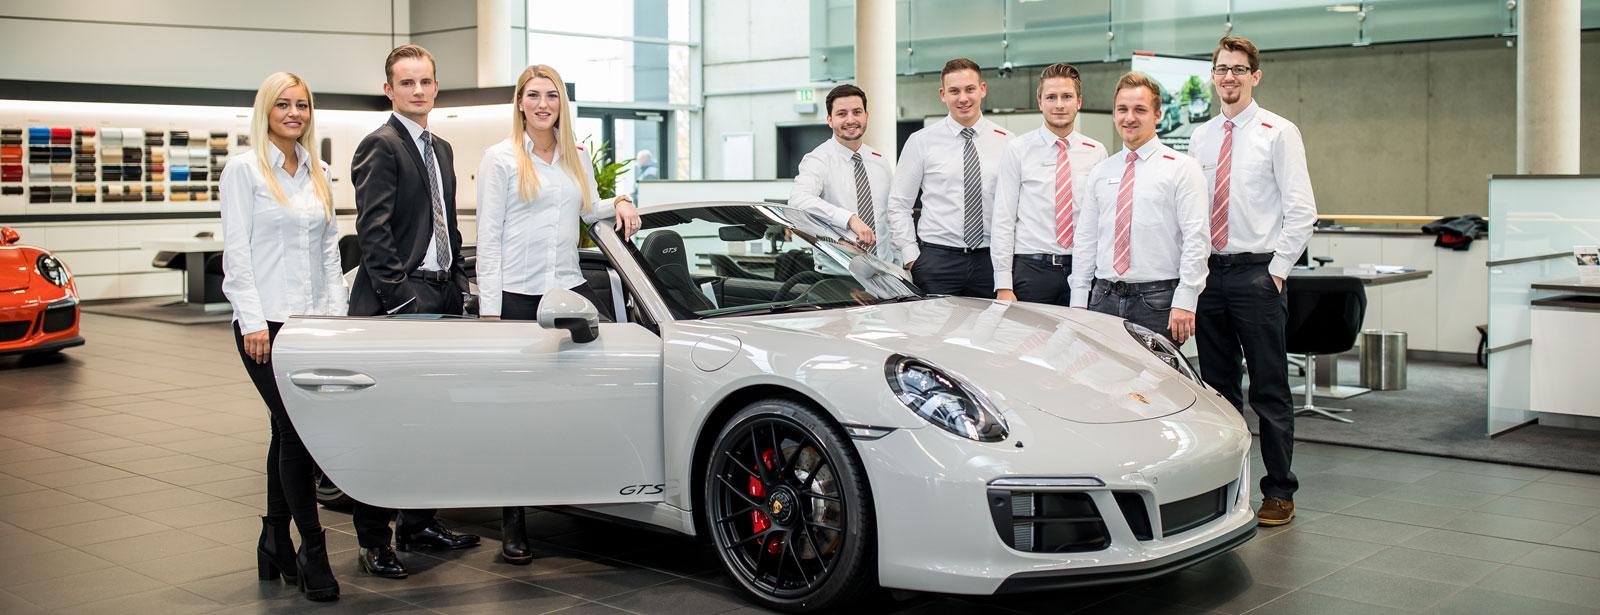 Porsche Service | Unser Service Team